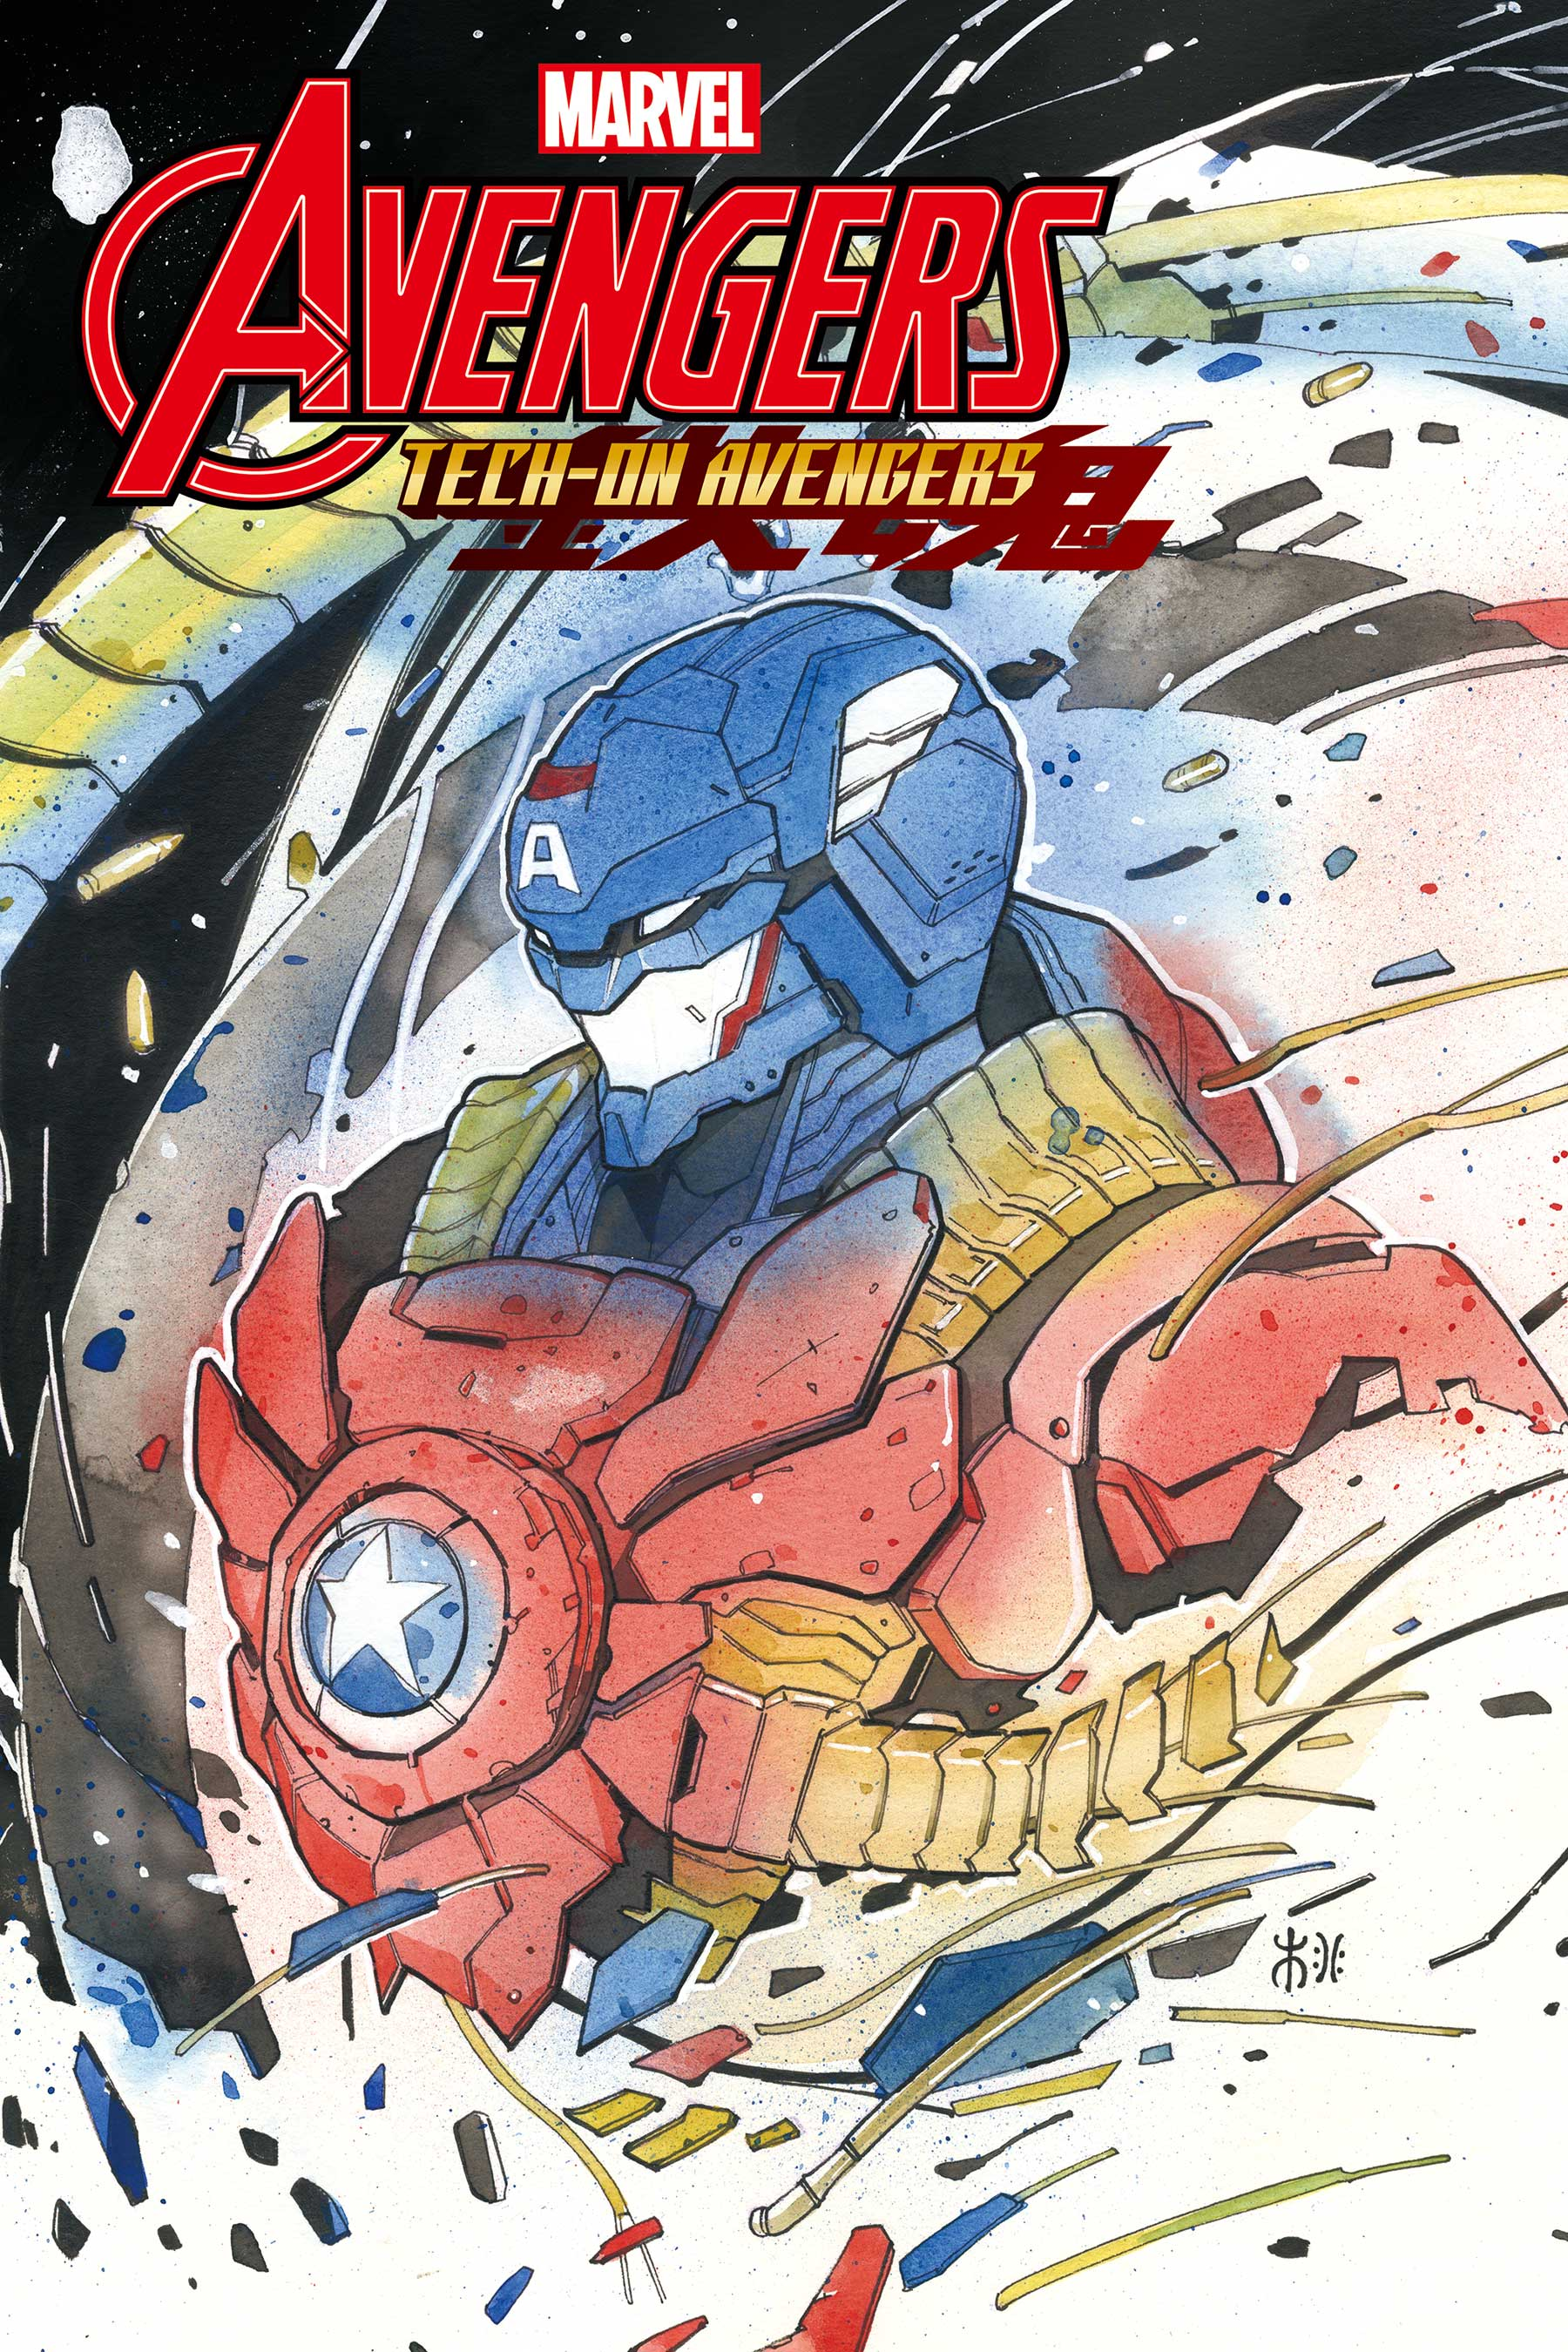 Avengers: Tech-on (2021) #1 (Variant)